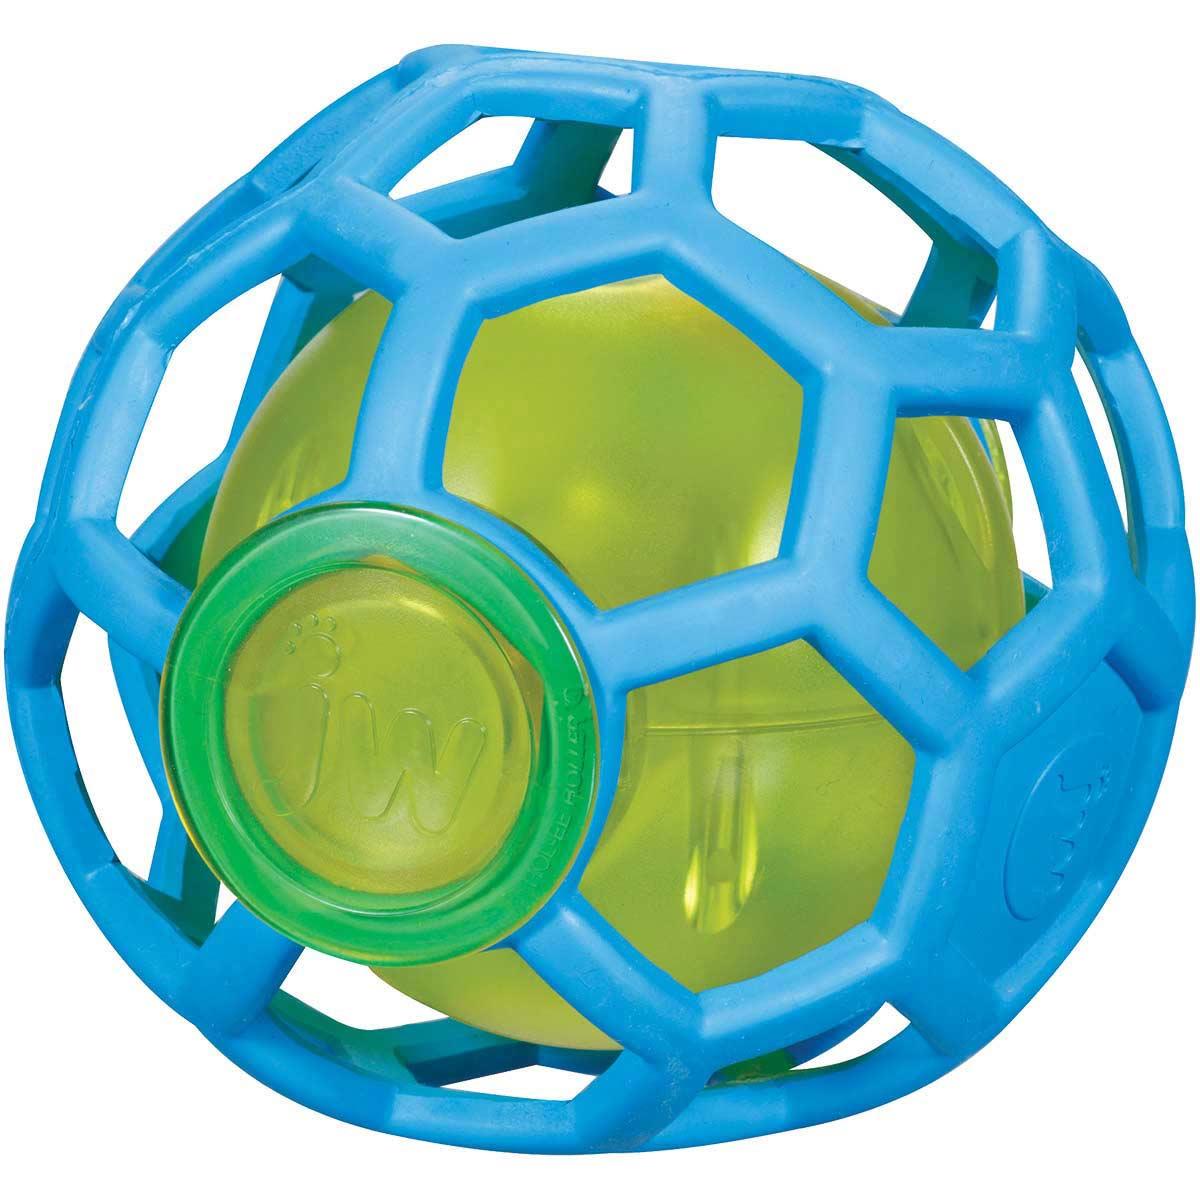 Medium 8 inch JW Hol-ee Treat Ball for Dogs